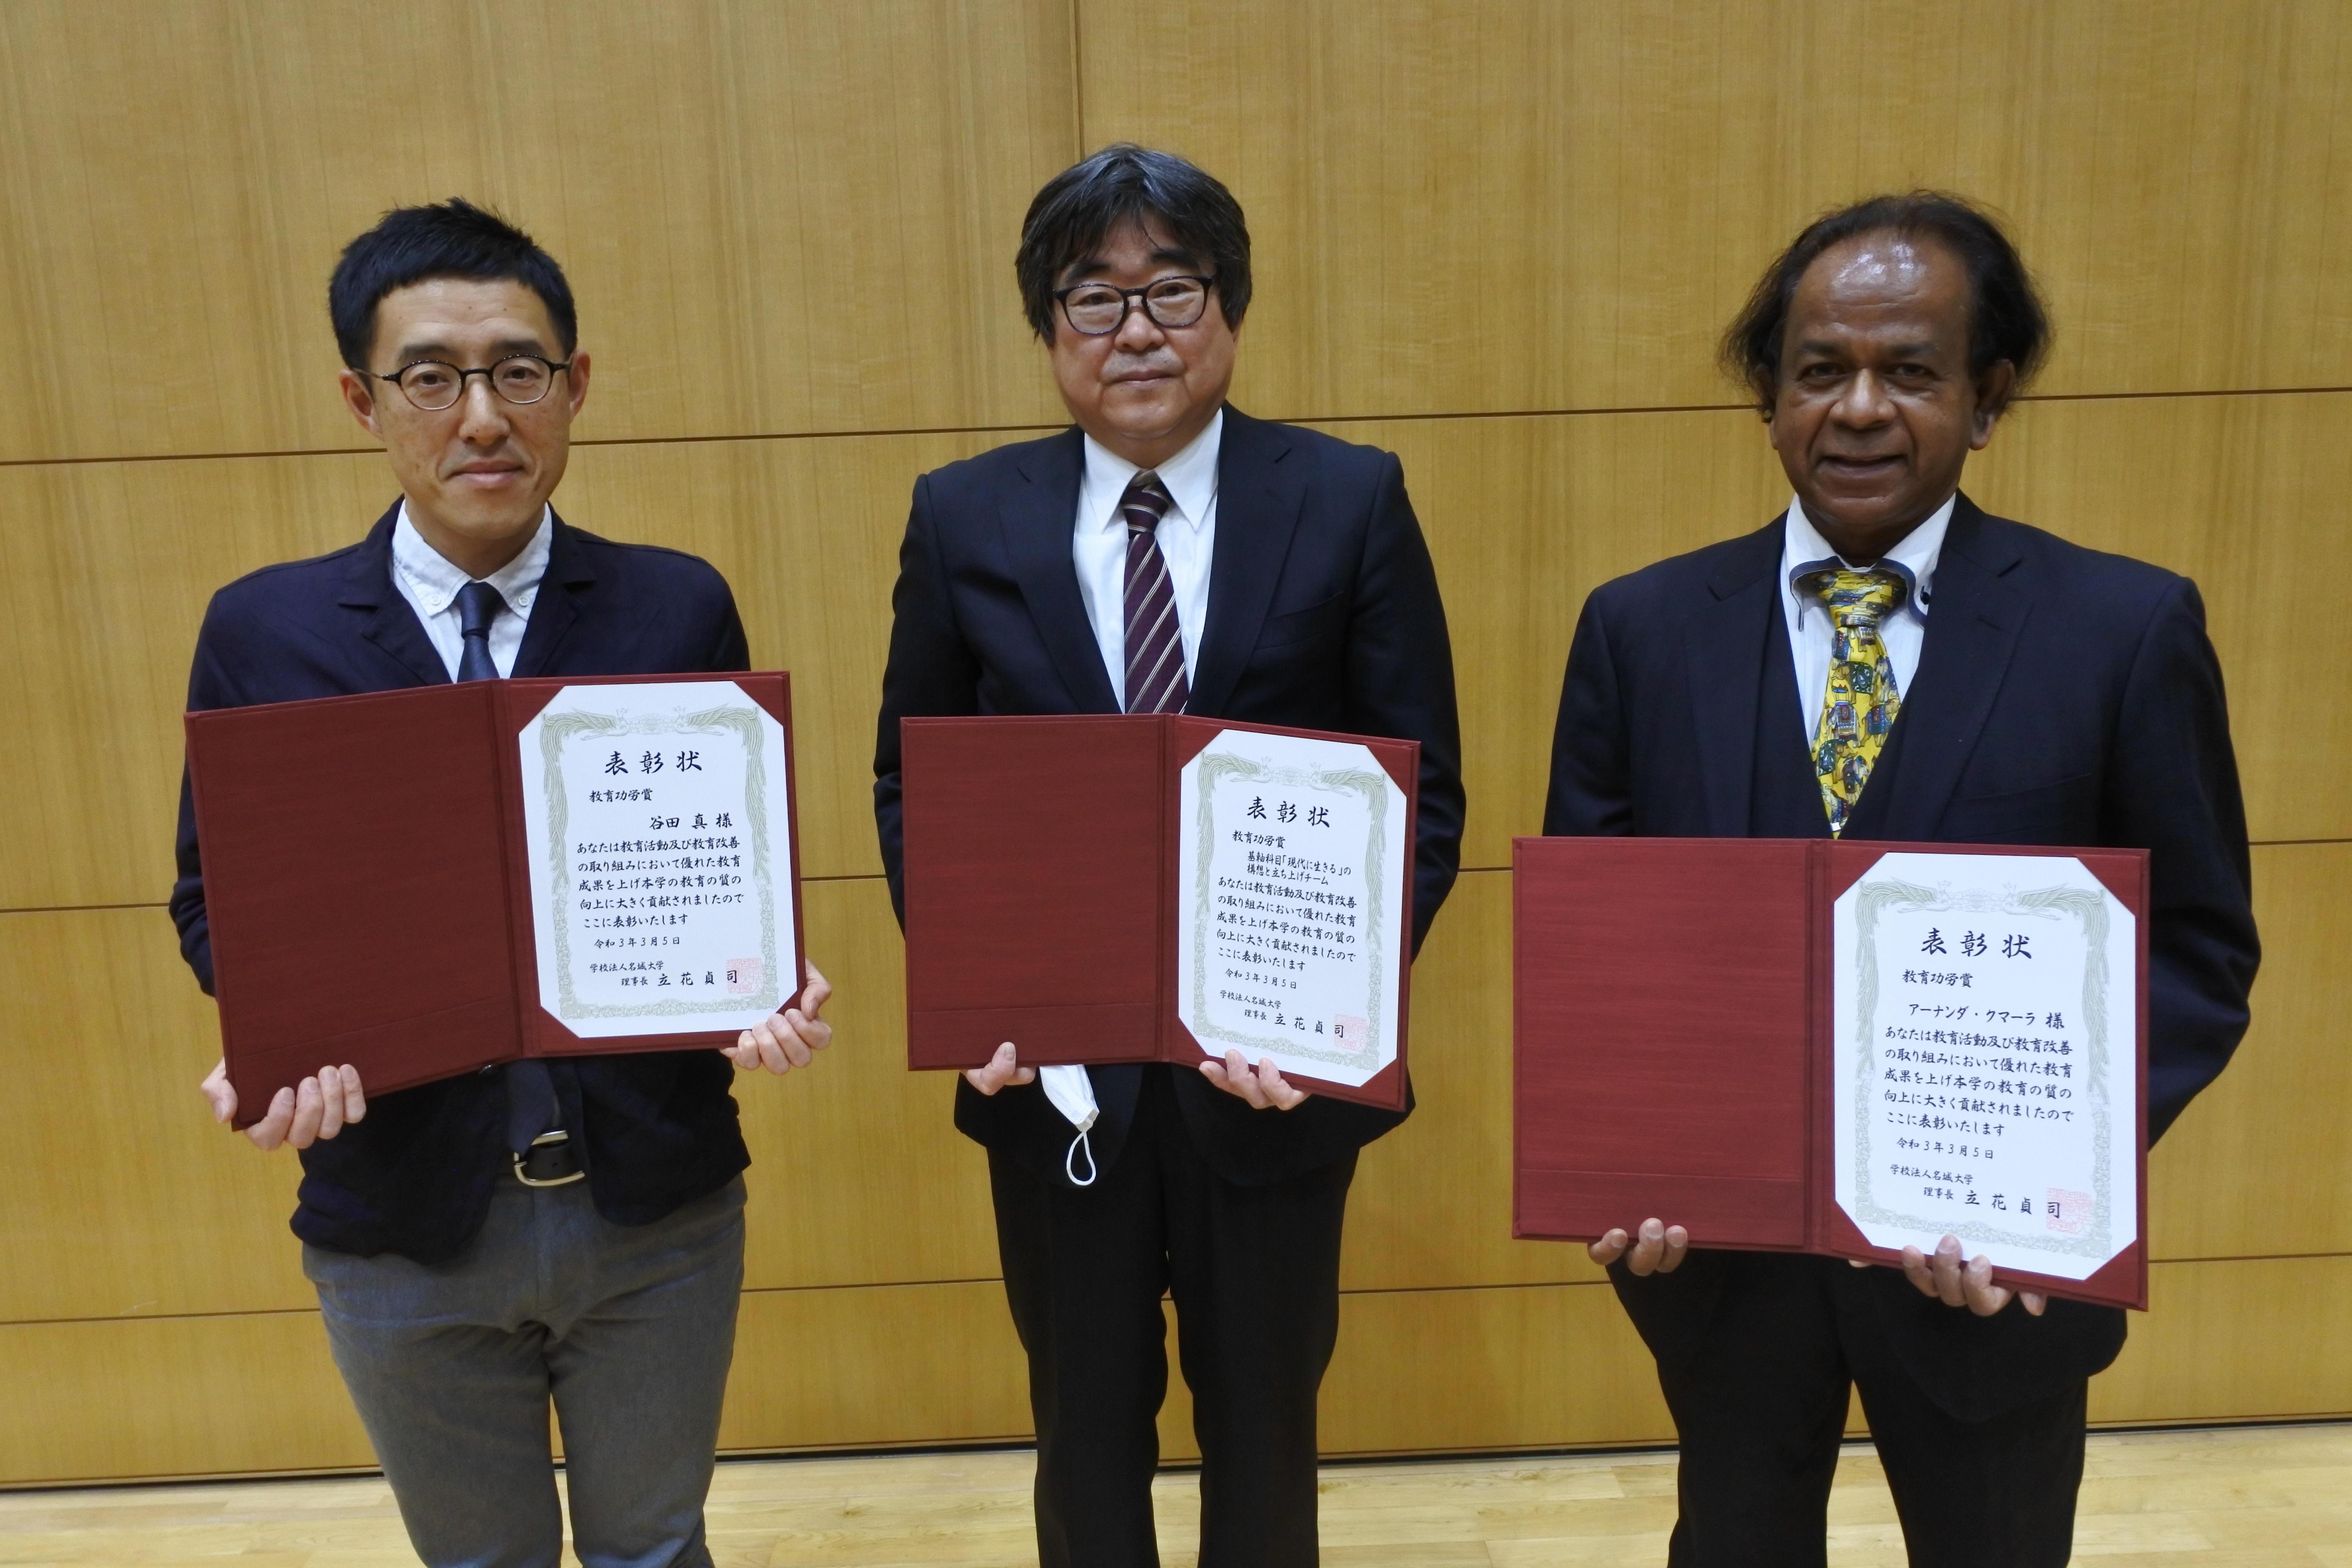 表彰を受けた(左から)谷田真准教授、宮嶋秀光教授、アーナンダ・クマーラ教授